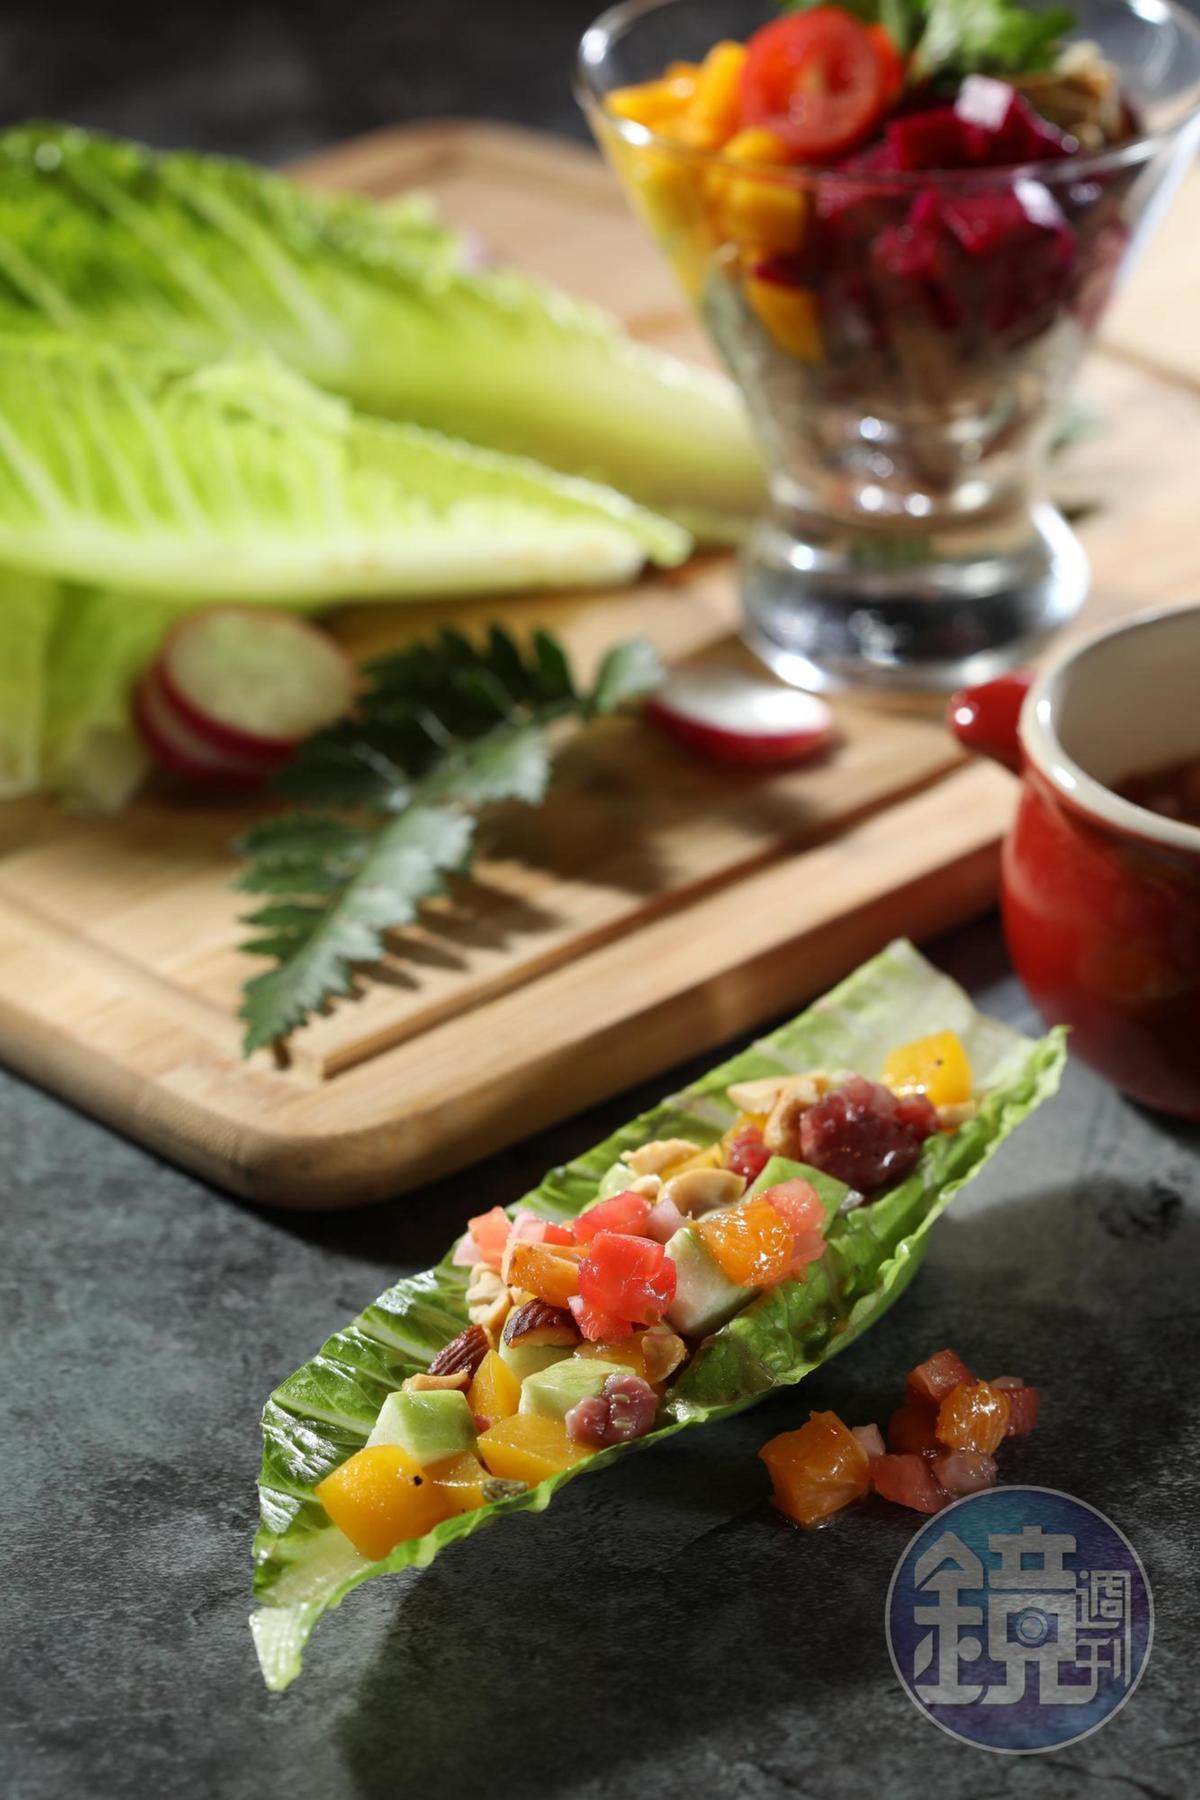 「和牛菓物Sasa」用堅果和蔬果搭配內腿肉,頗鎮暑解膩。(420元/份)